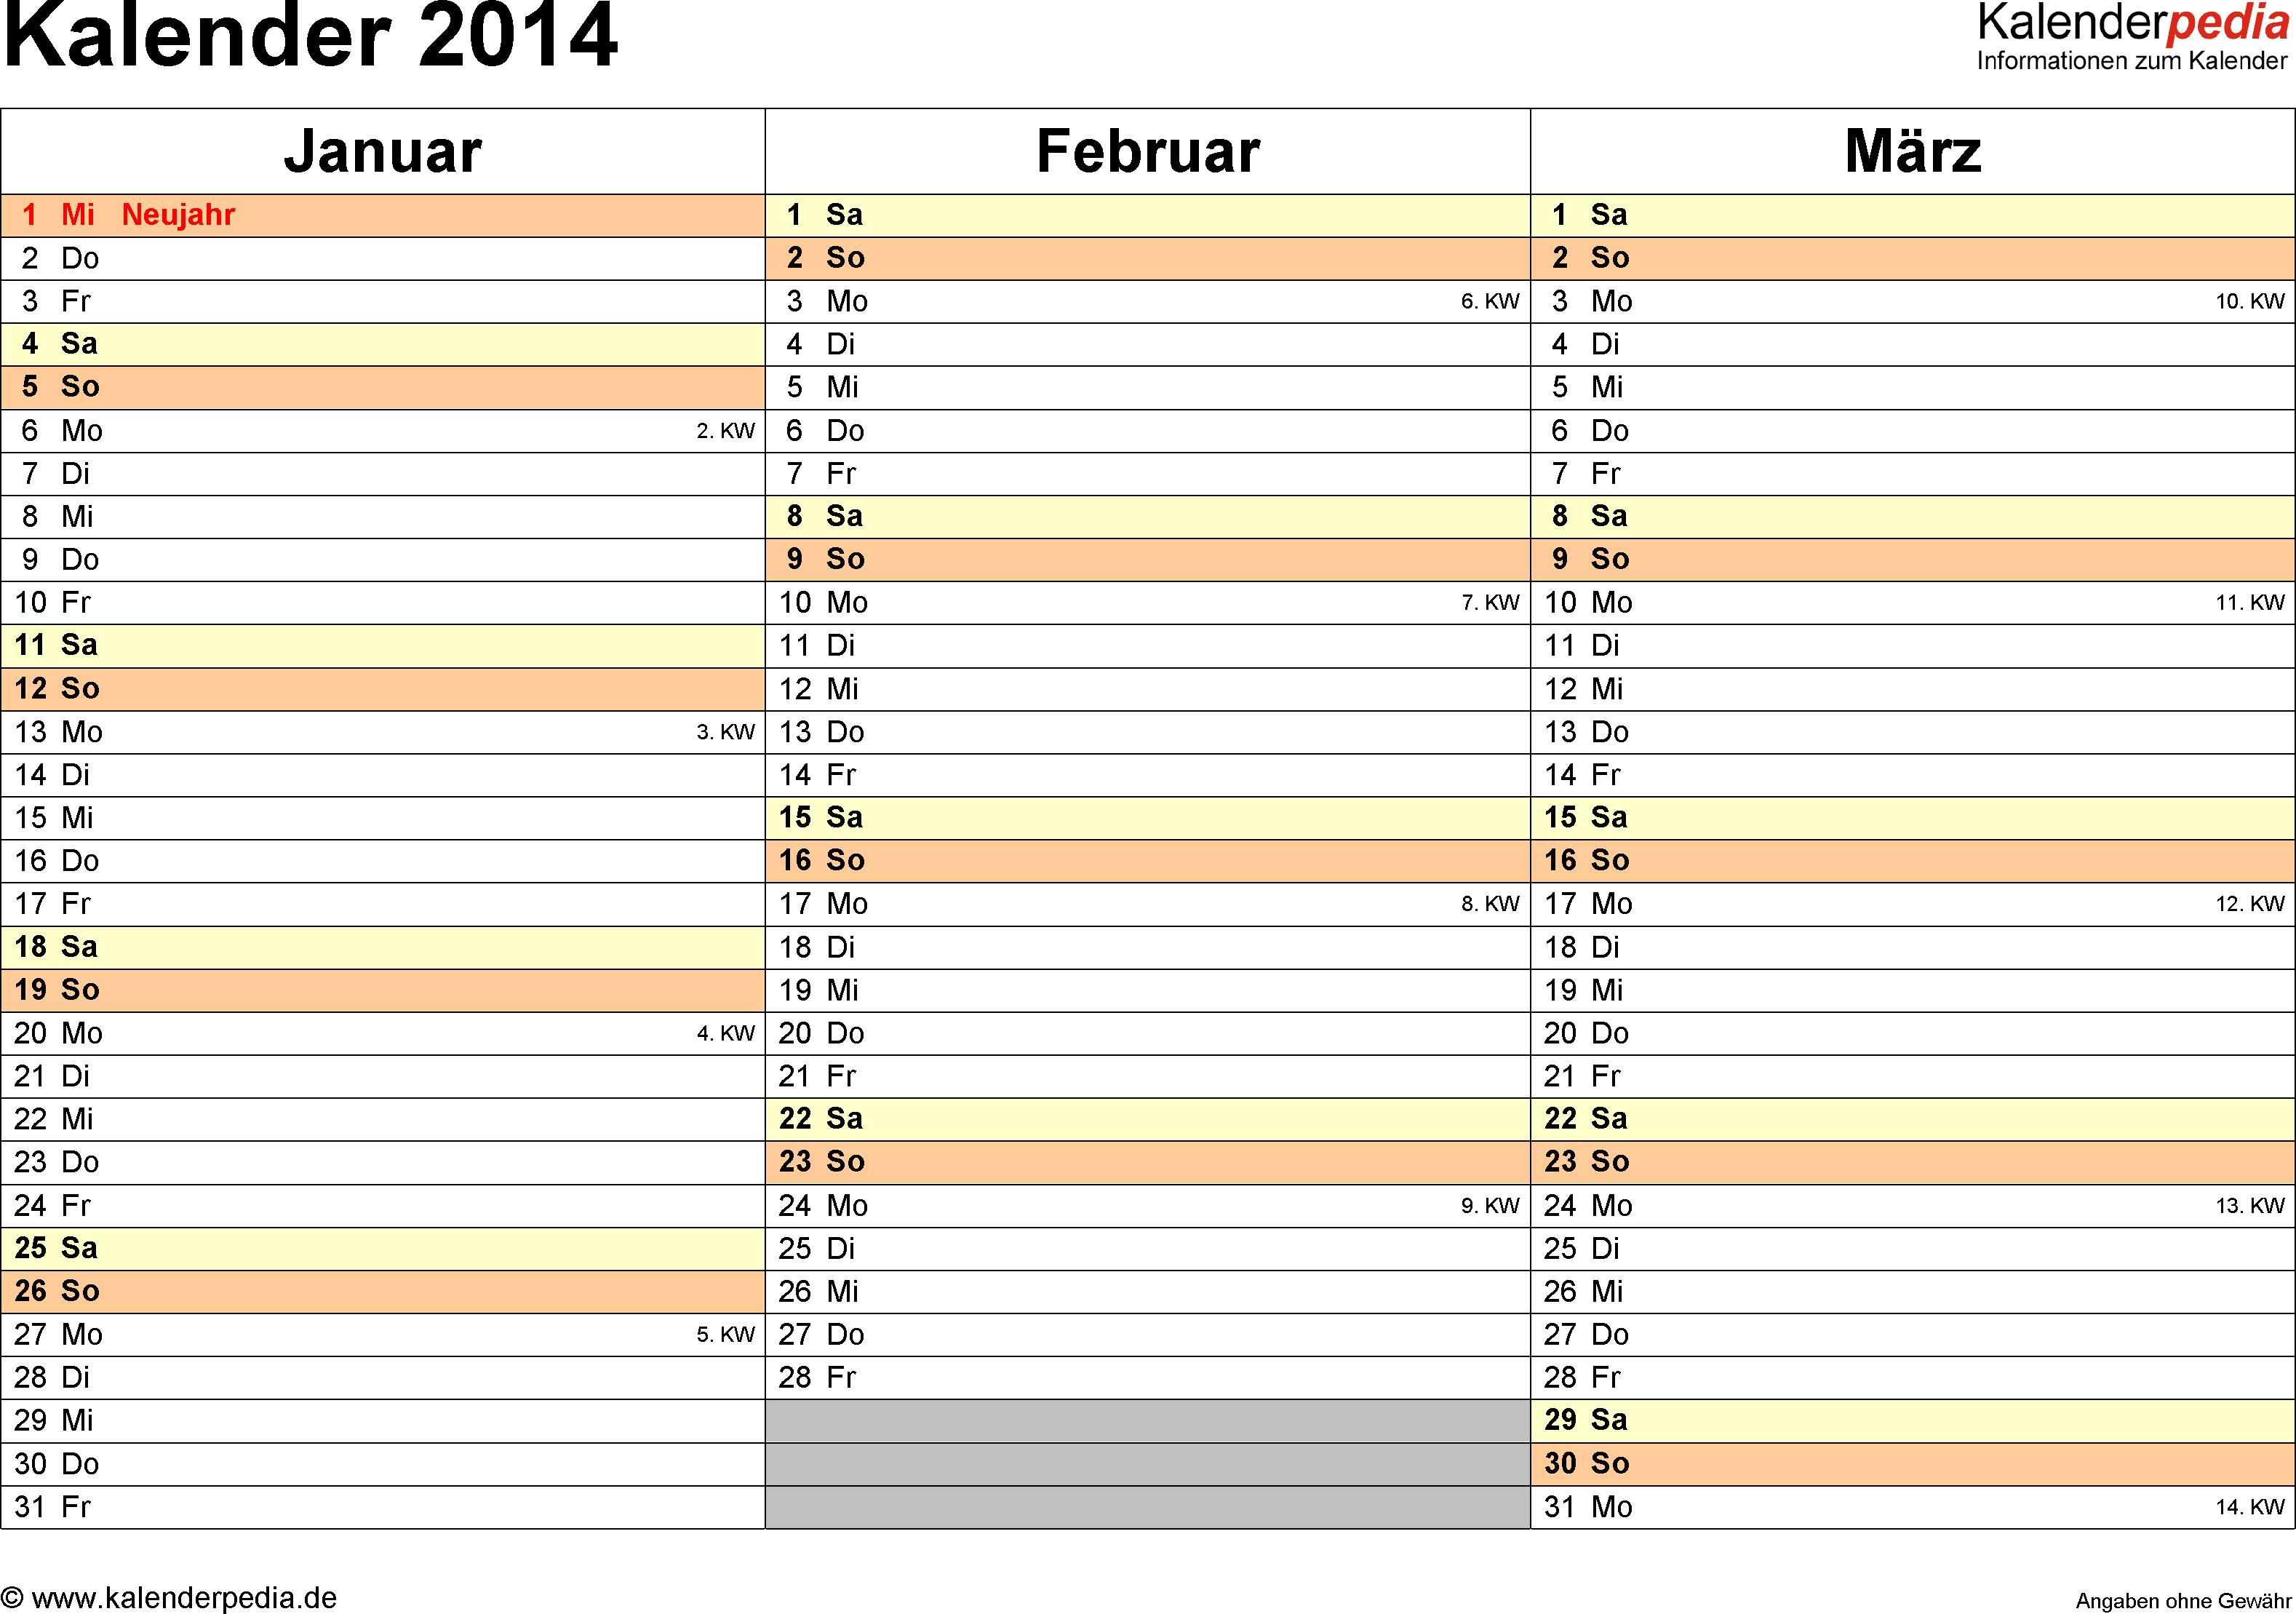 Vorlage 5: Kalender 2014 für Word, Querformat, 4 Seiten, jedes Quartal auf einer Seite